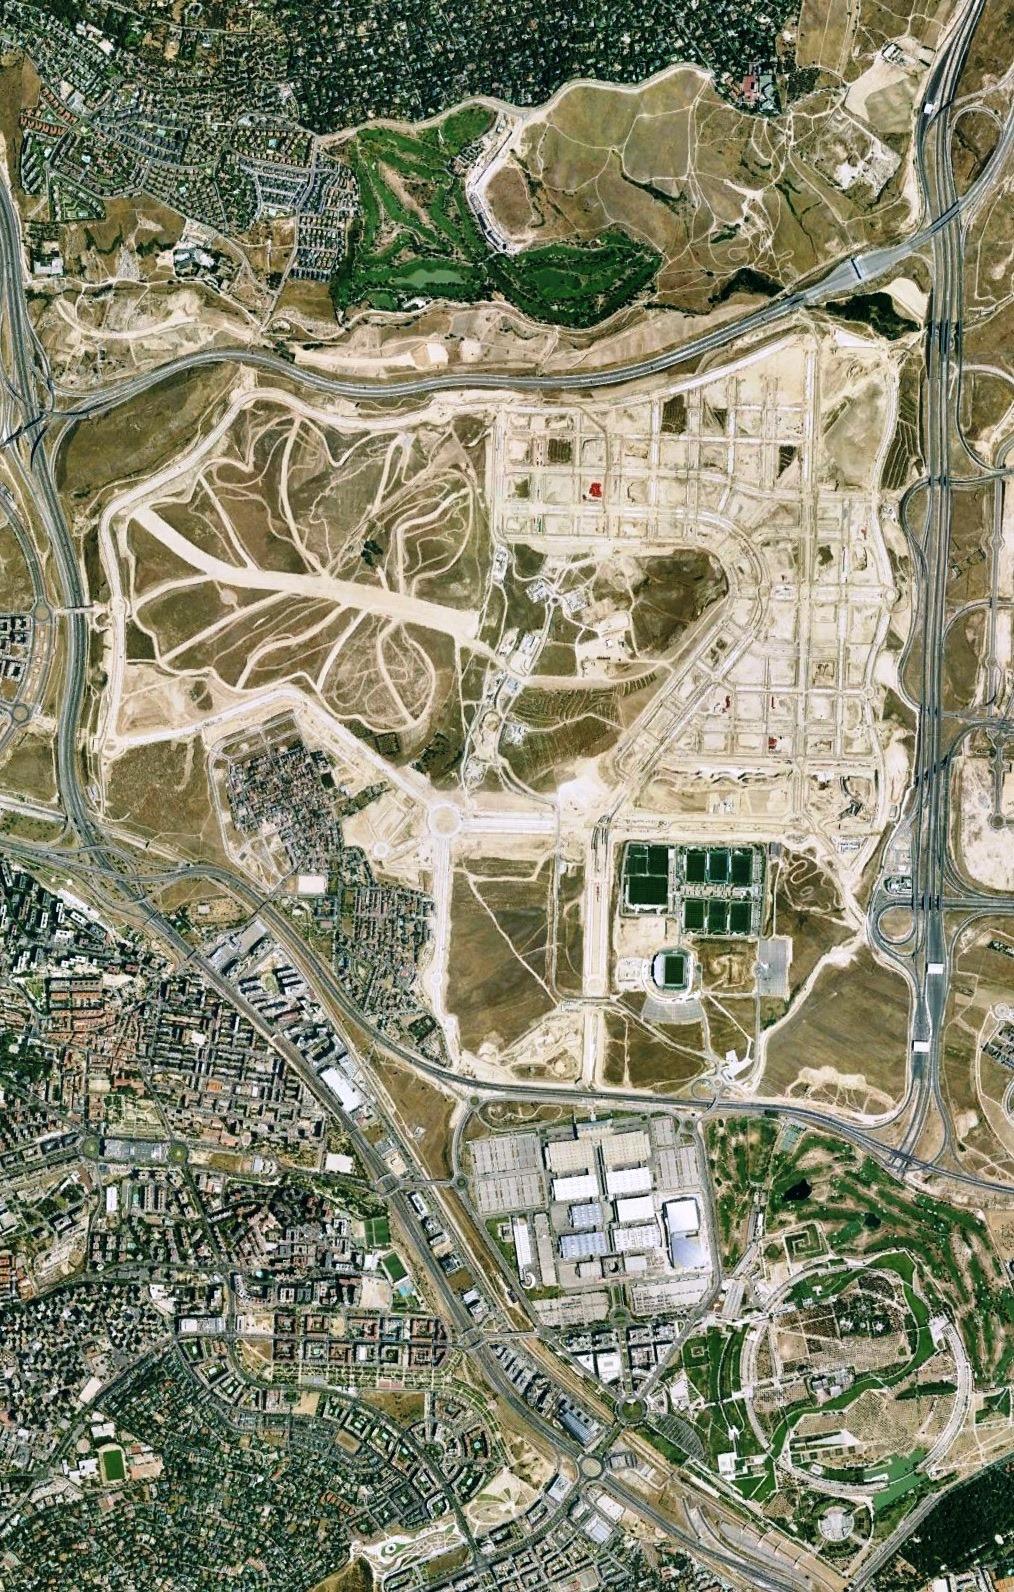 después, urbanismo, foto aérea,desastre, urbanístico, planeamiento, urbano, construcción,Valdebebas, Madrid, Hautôvia